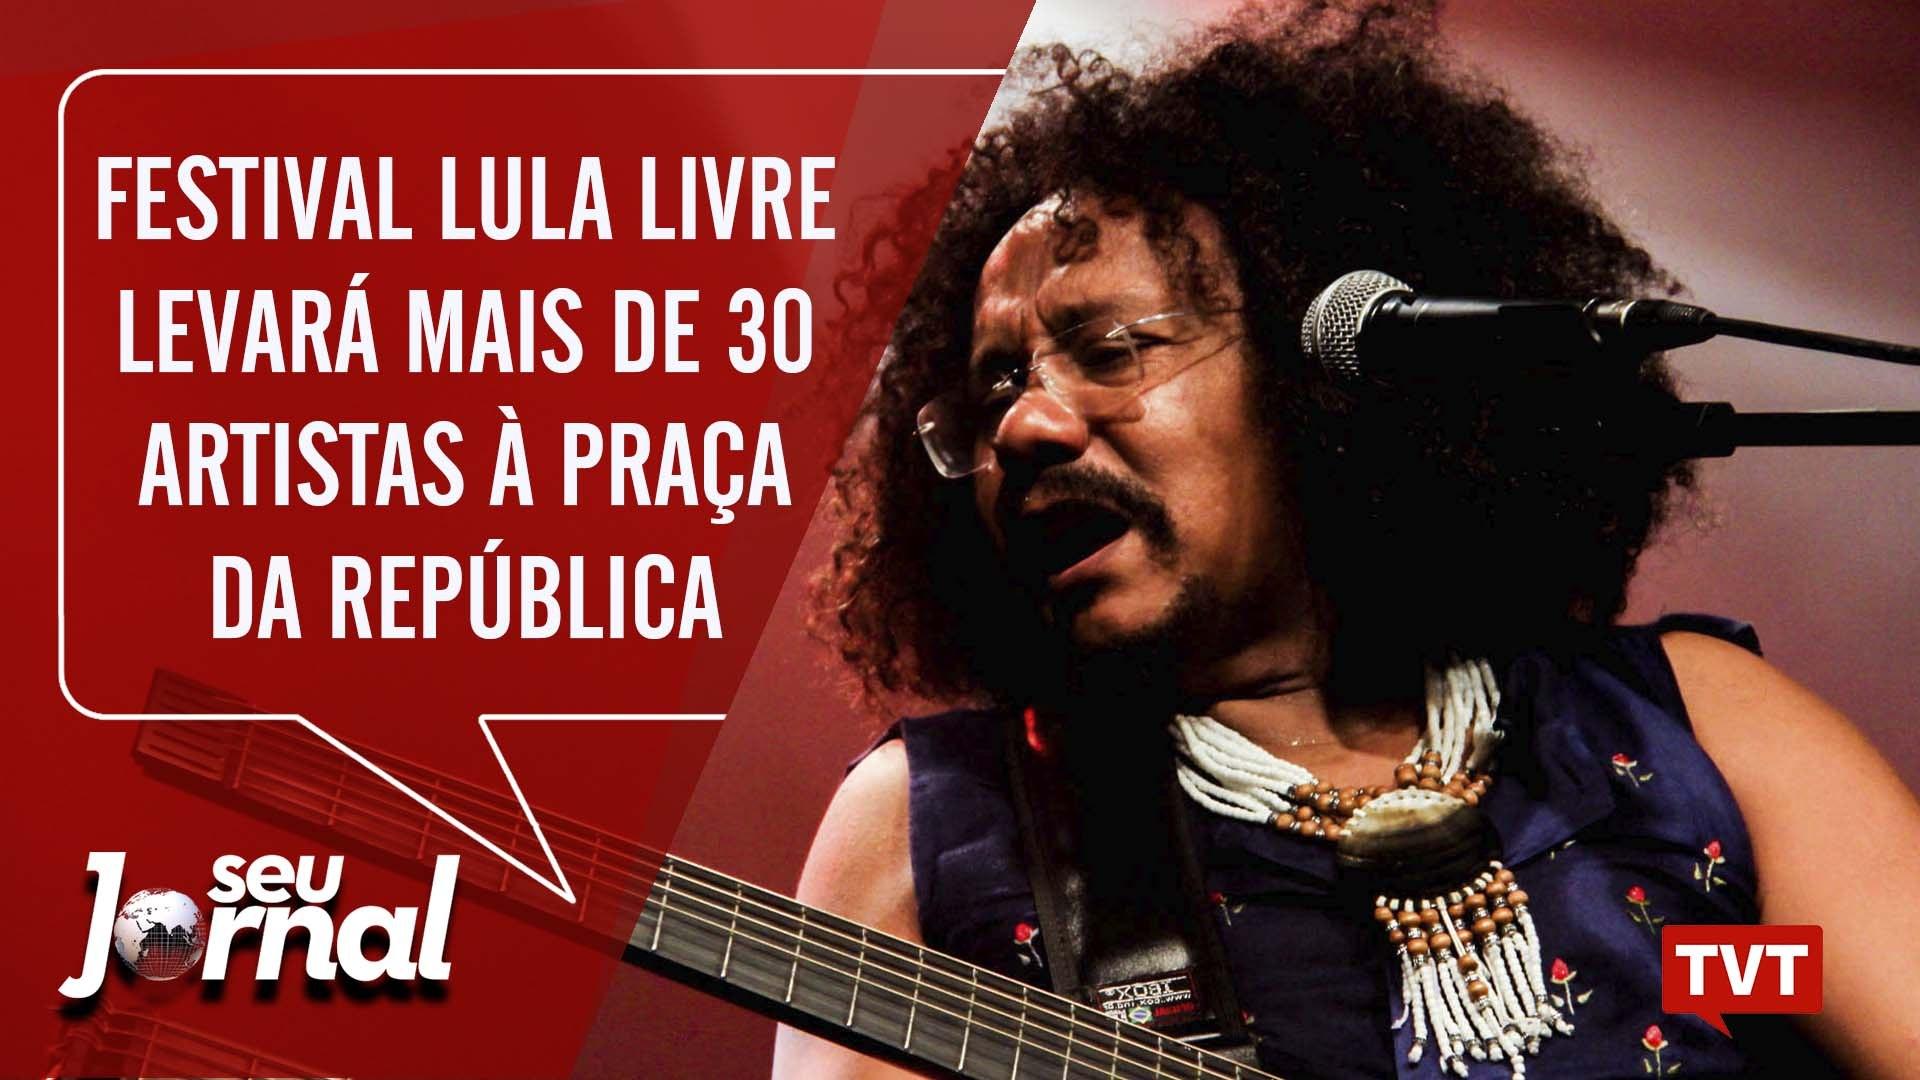 Festival Lula livre levará mais de 30 artistas à Praça da República (SP)